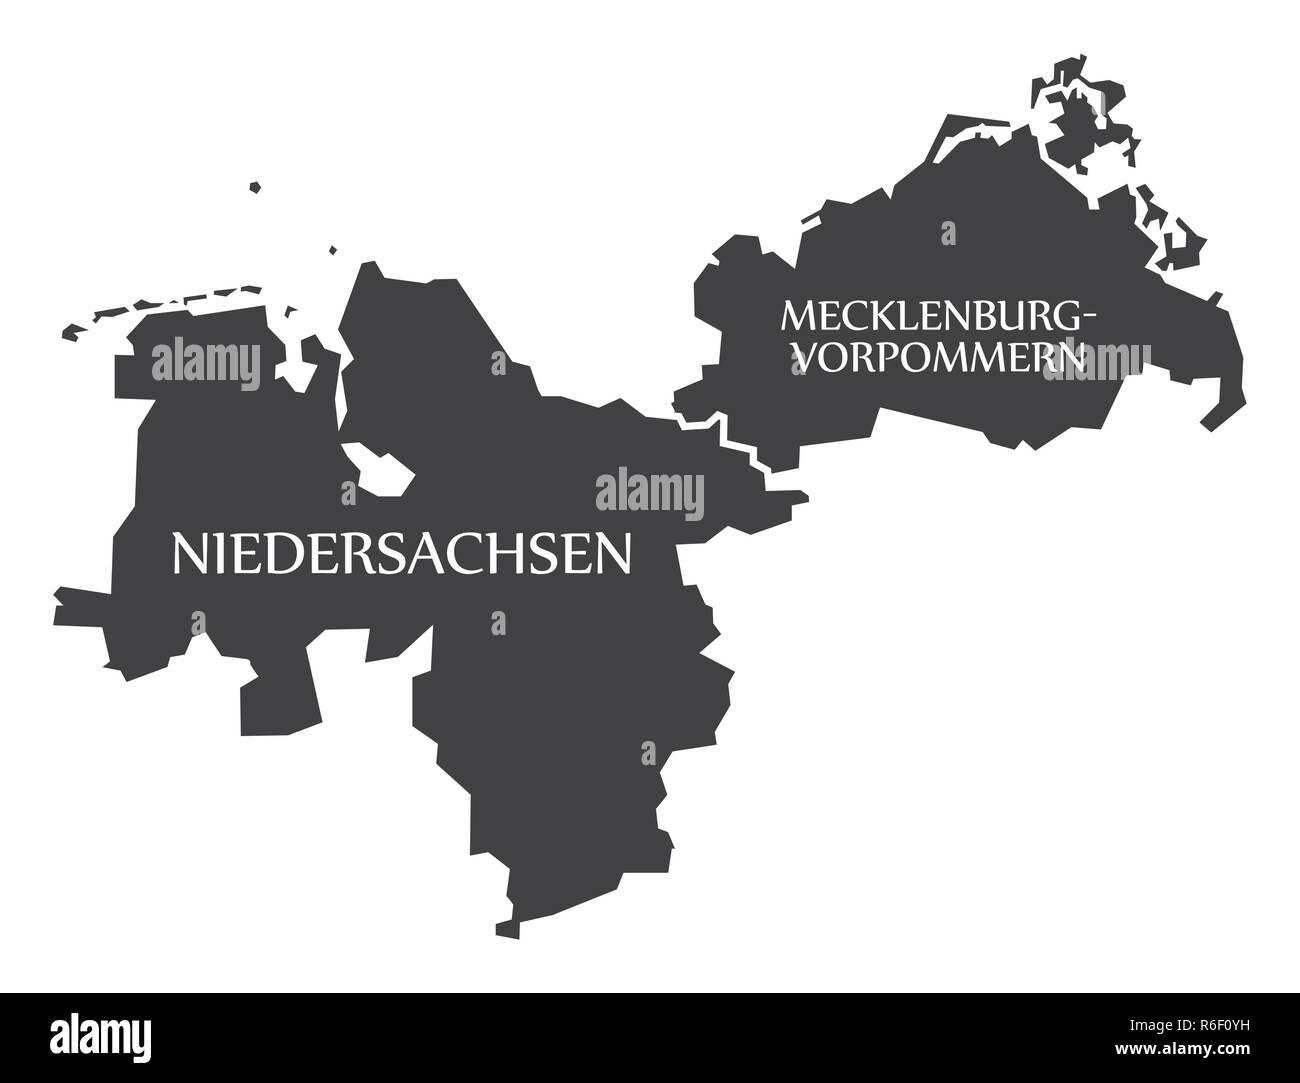 Deutschland Karte Bundesländer Schwarz Weiß.Niedersachsen Mecklenburg Vorpommern Bundesländer Karte Von